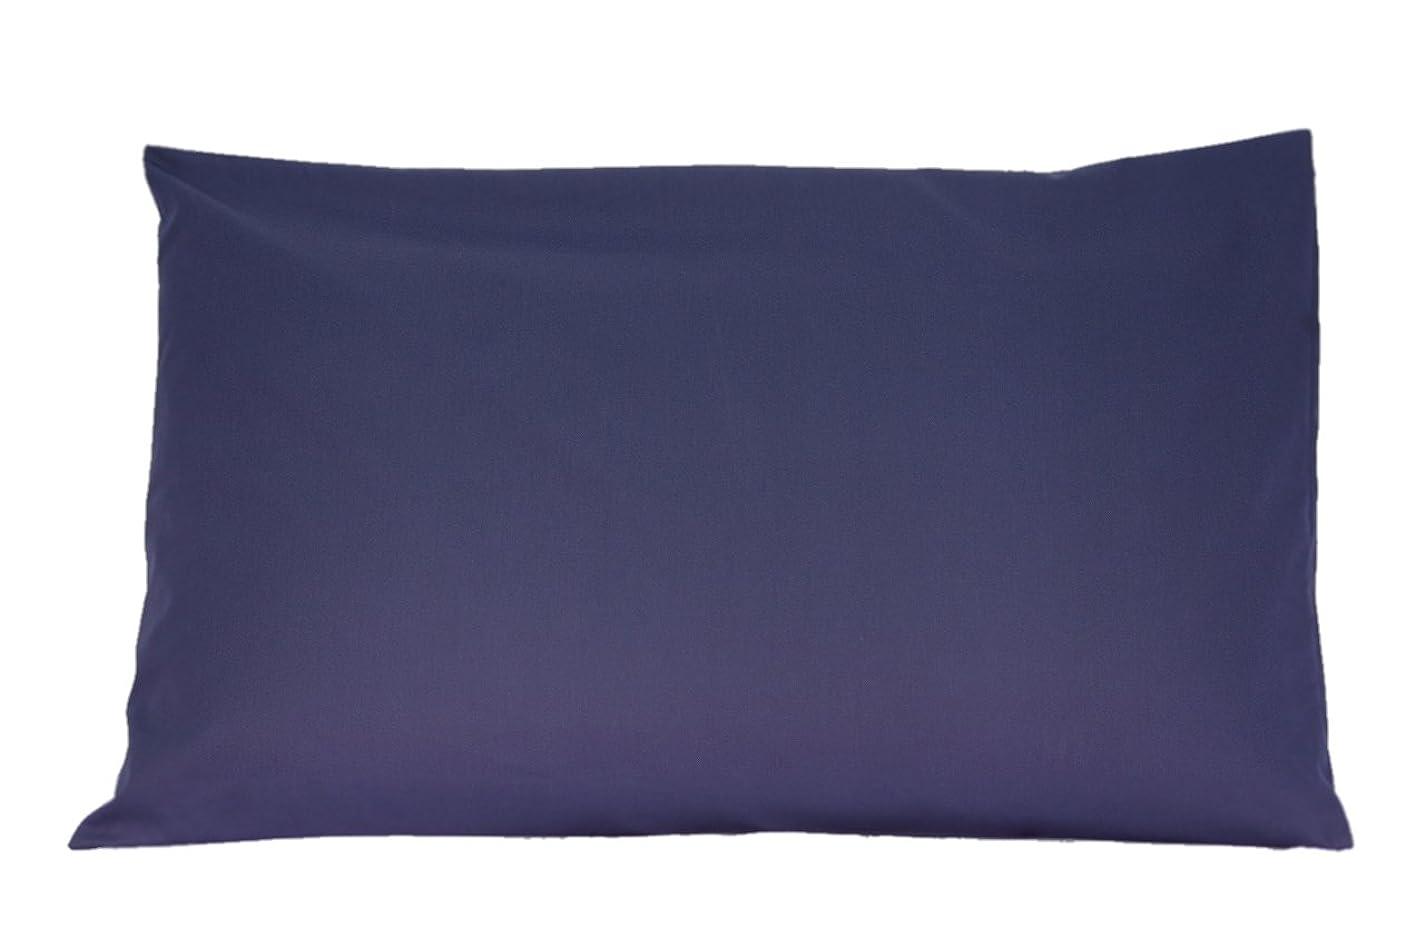 ハンサム社会着陸枕カバー 50cm×90cm用 US King size 20inch x 36inch 対応 合わせ式 ピローケース カラー: ネイビー